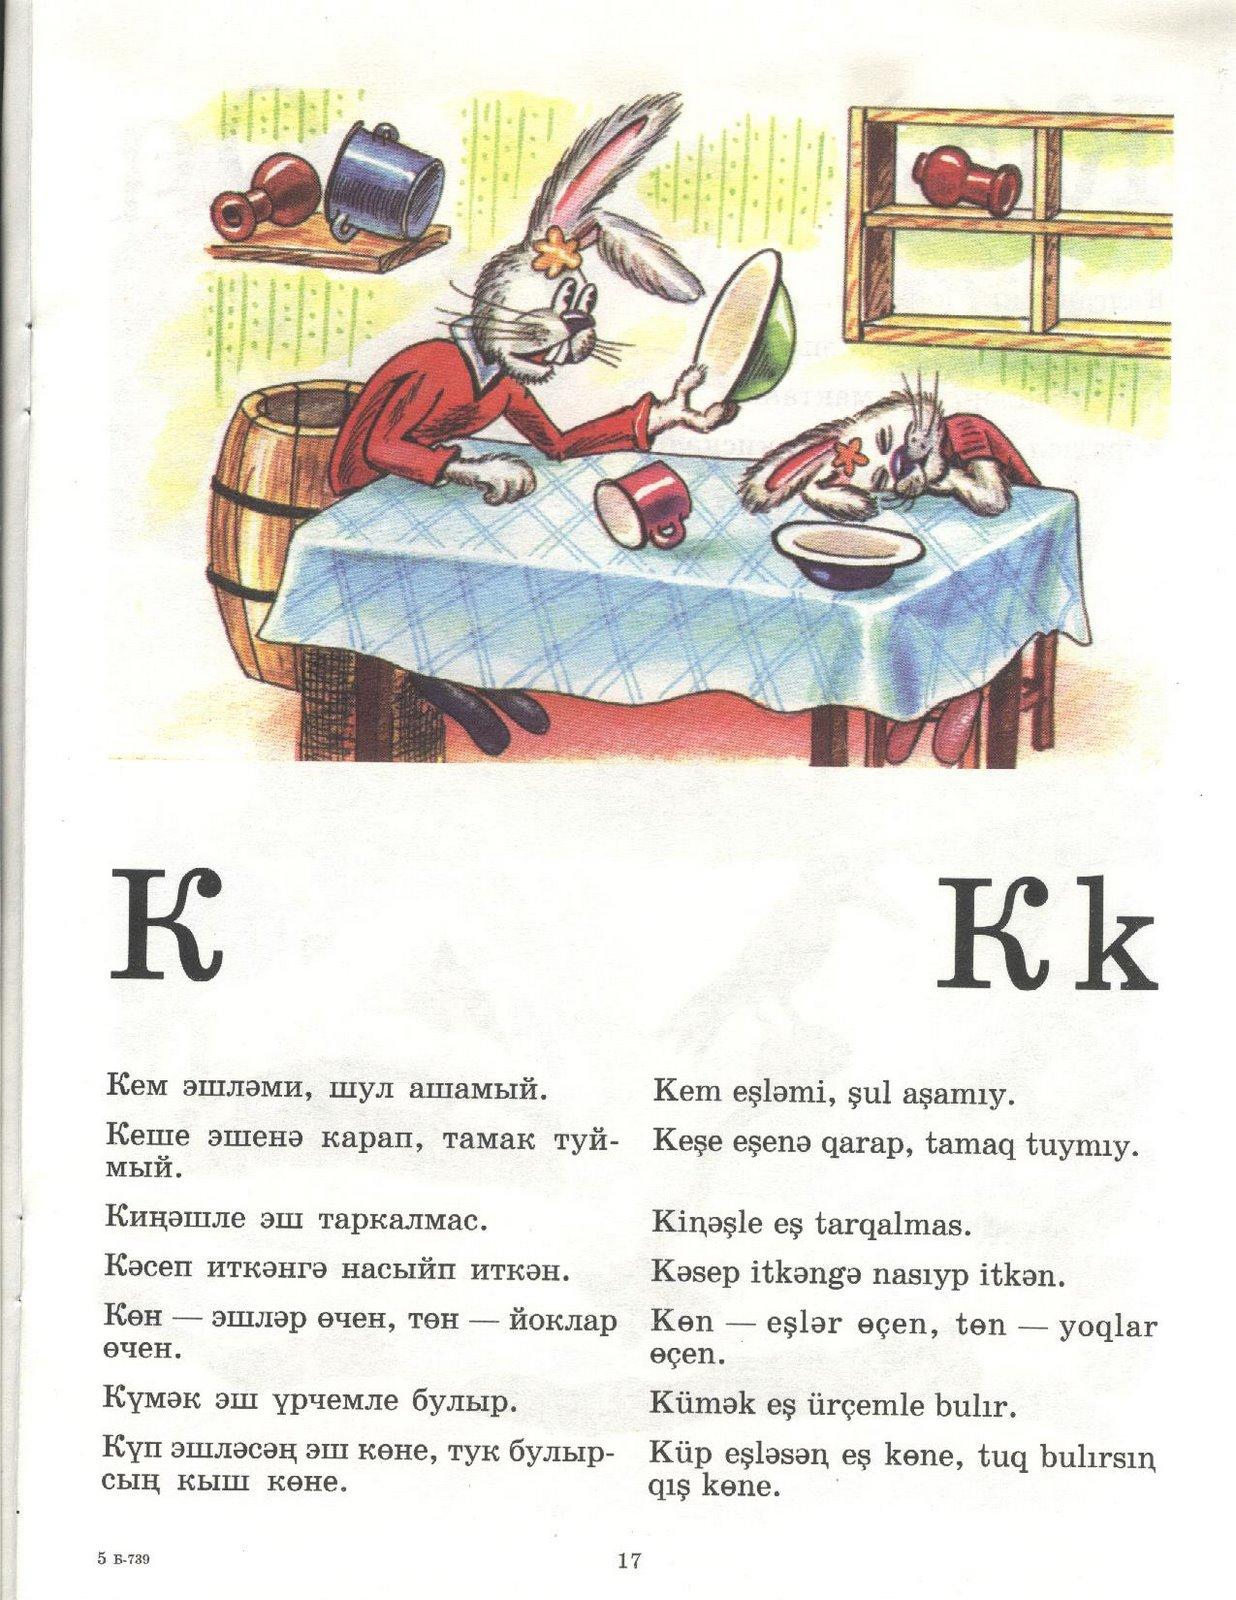 Kril-Latin Öğrenü Kk